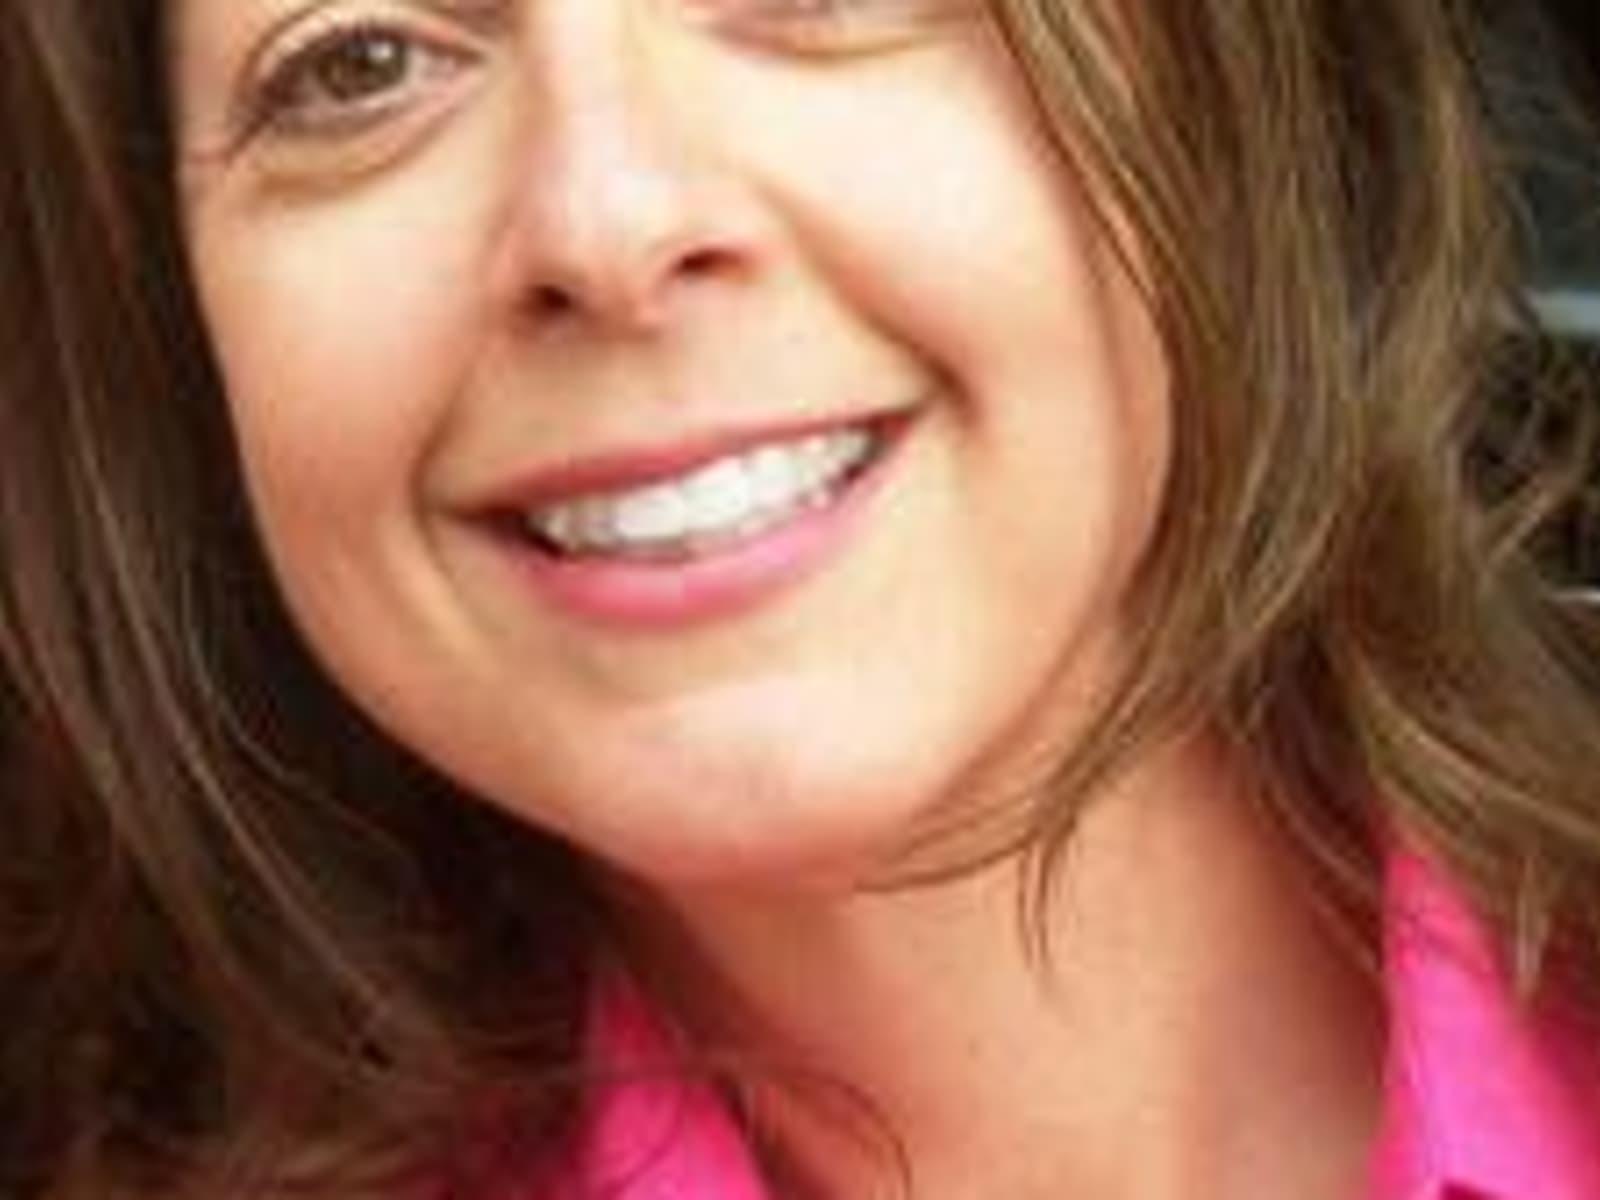 Deborah from Victoria, British Columbia, Canada